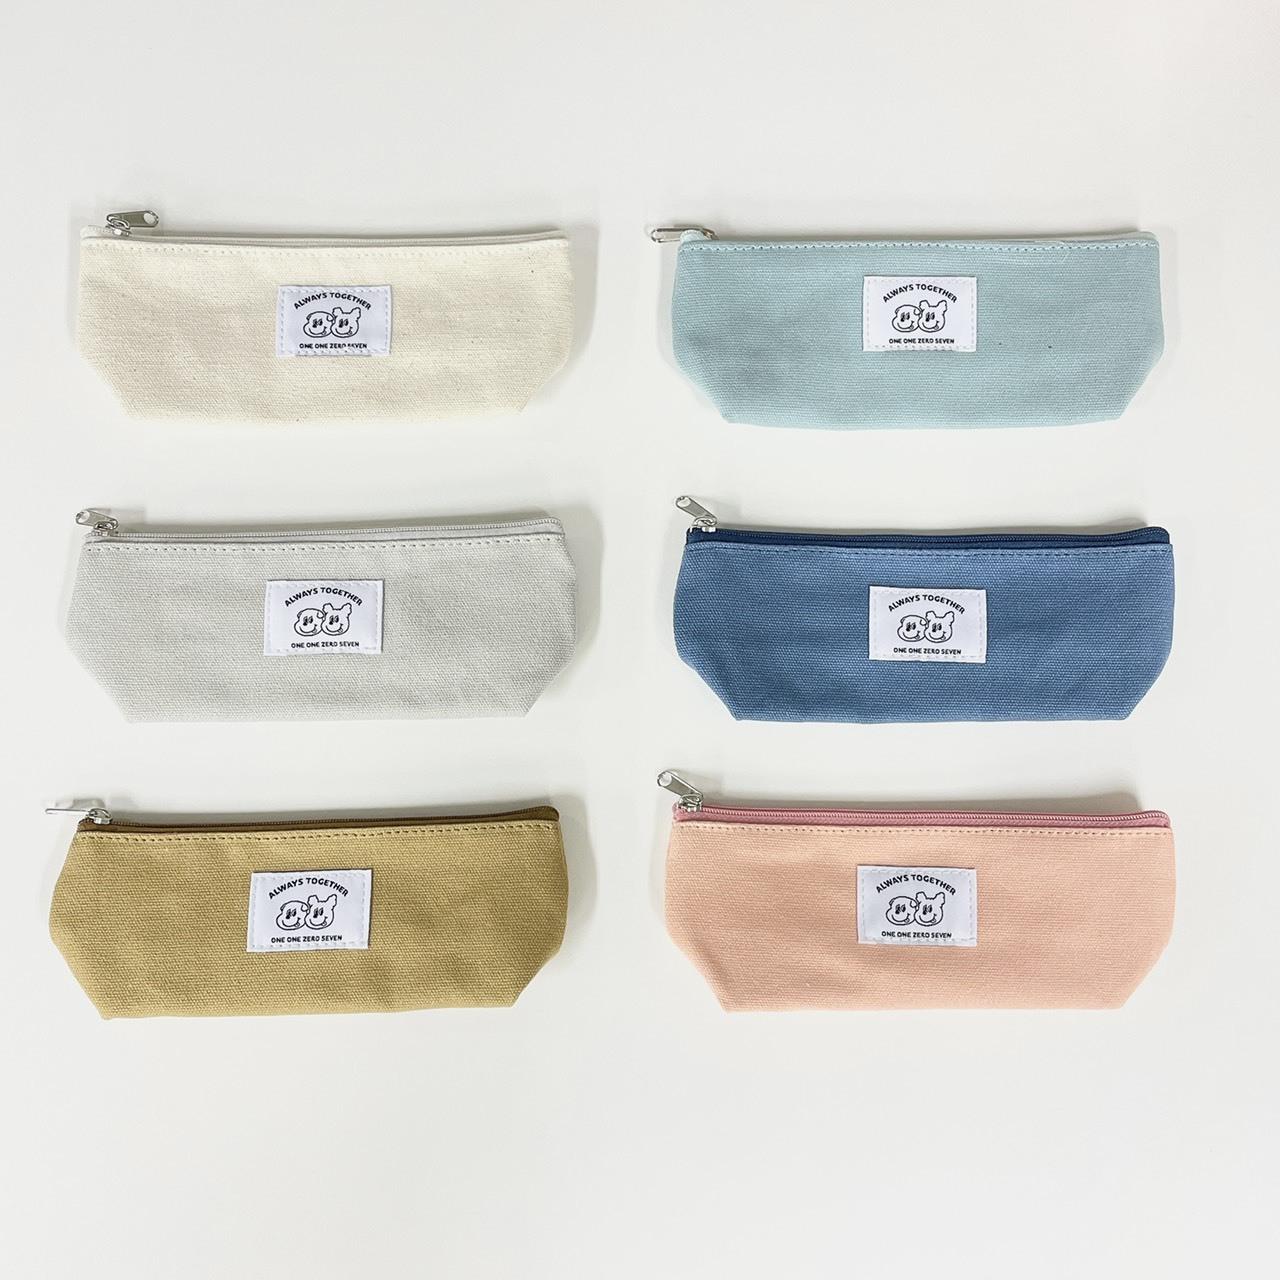 ゴンチル ファブリックペンケース (全6色)